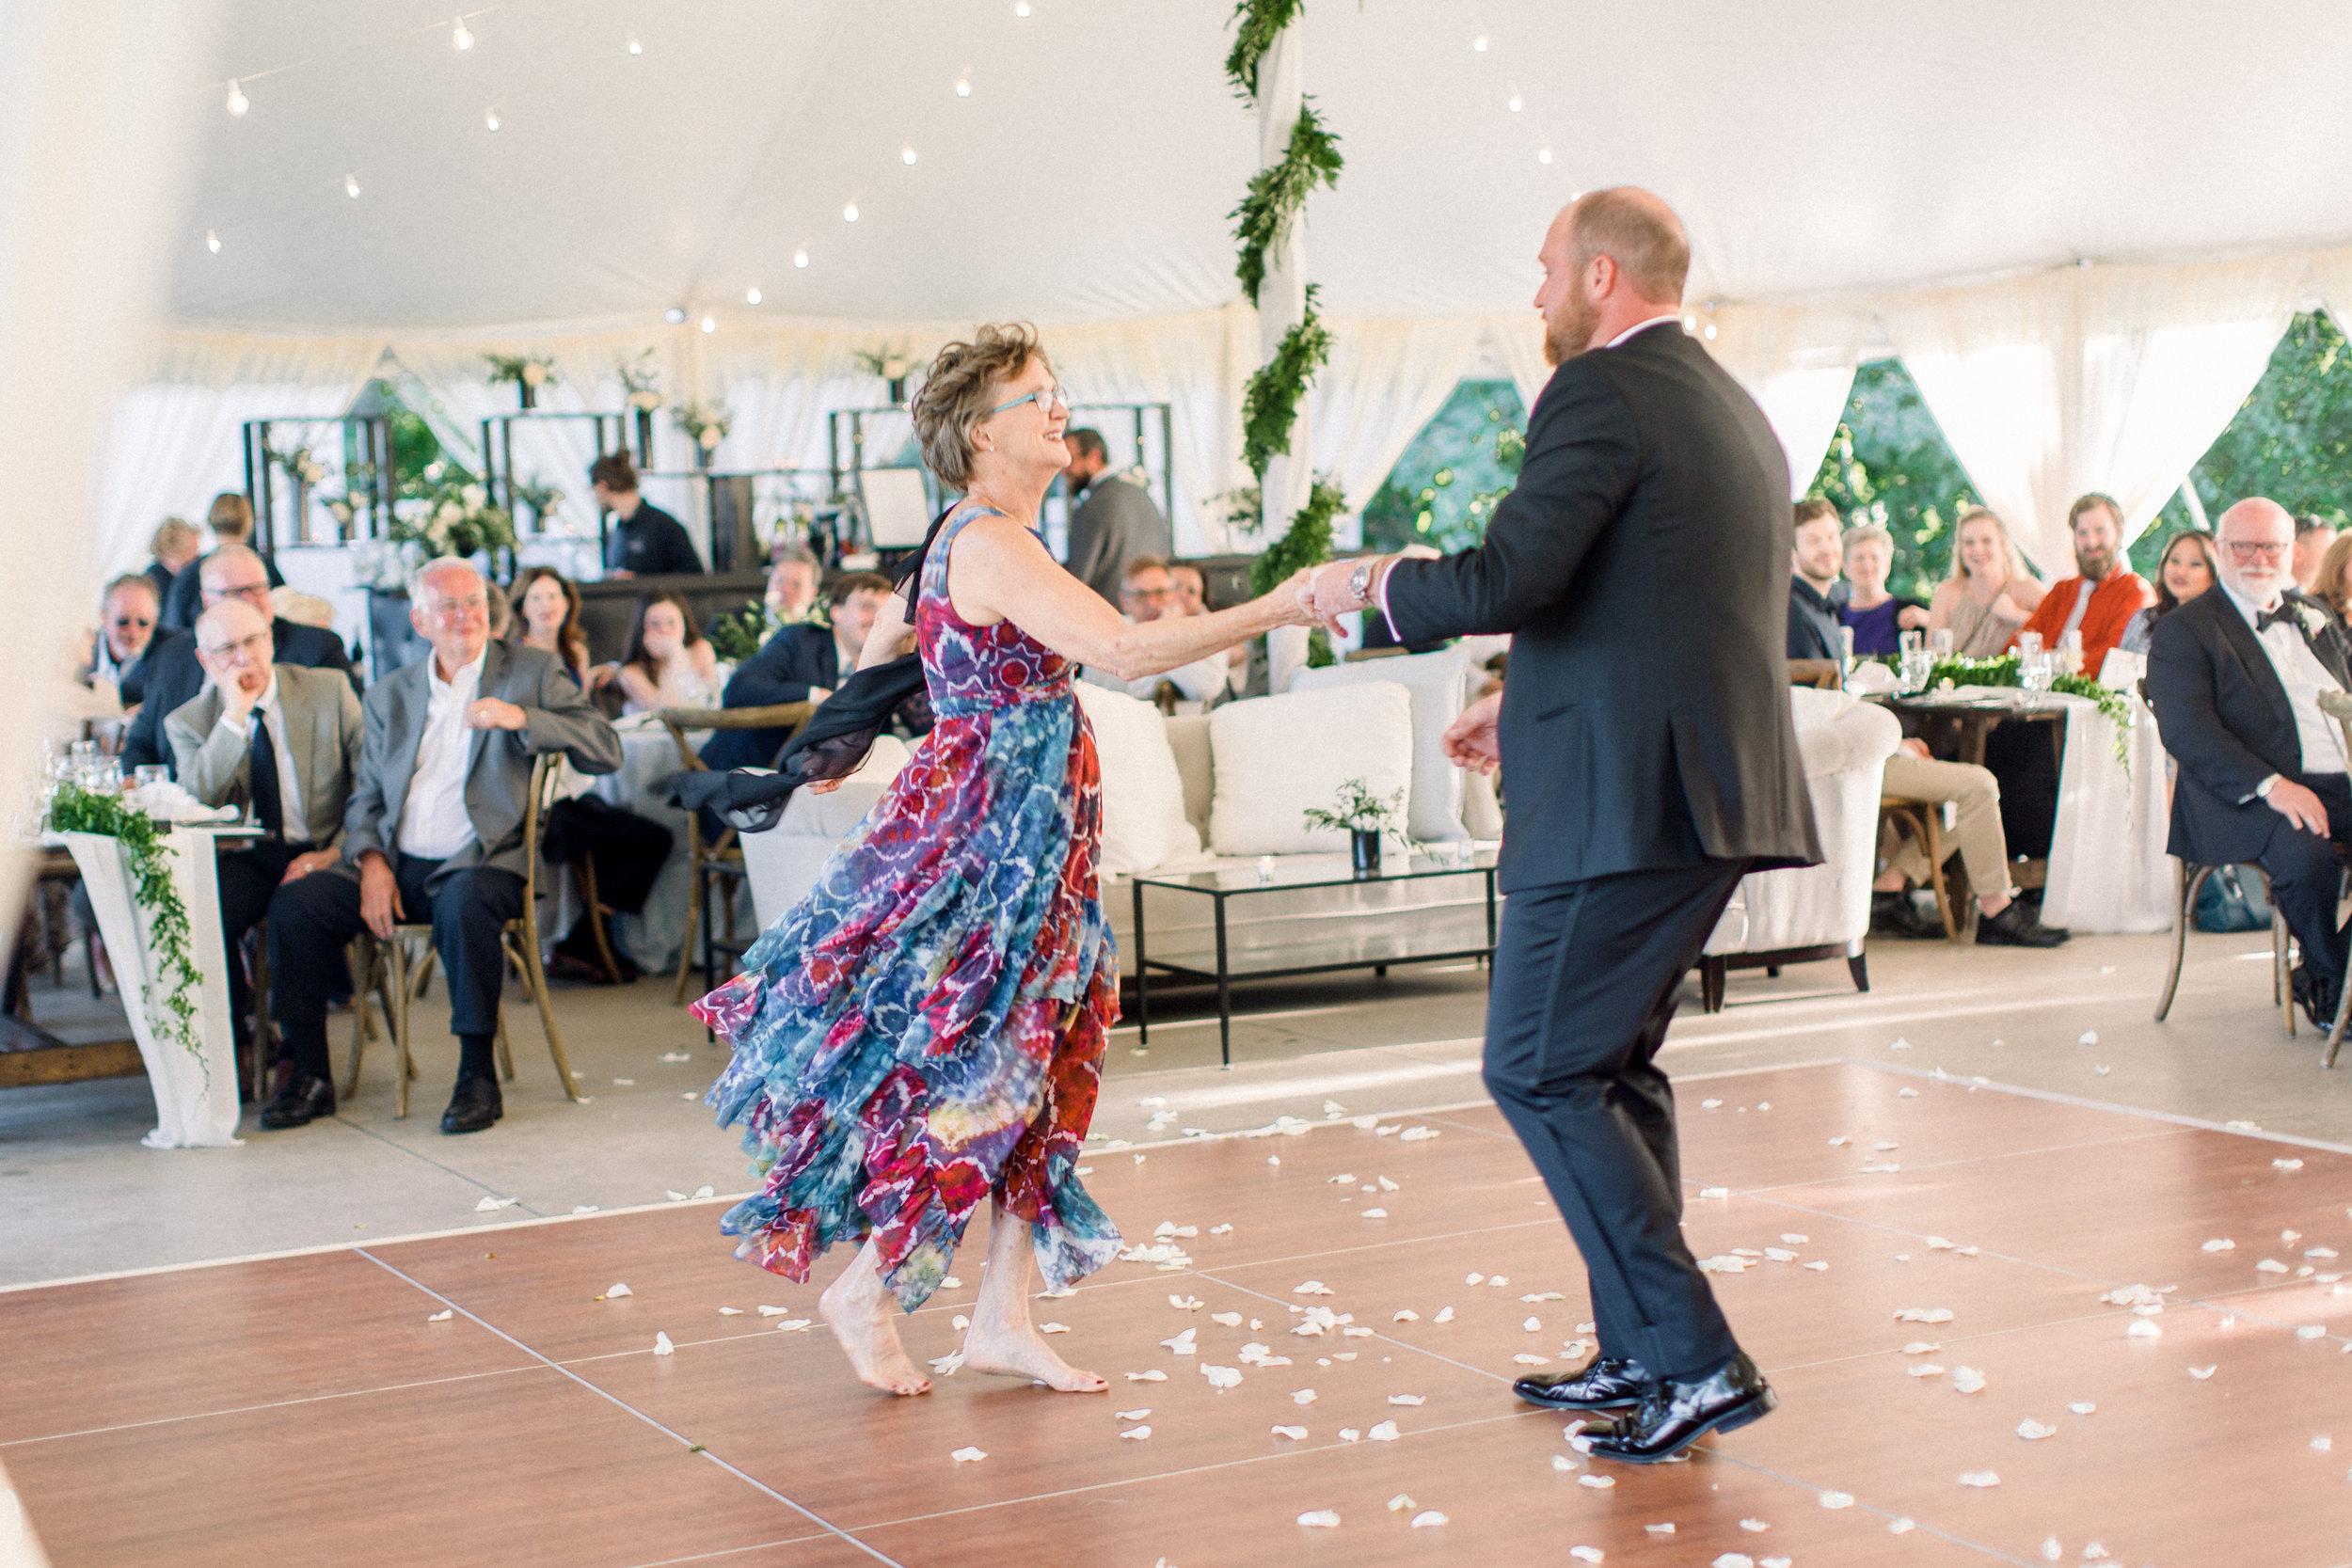 Steinlage+Wedding+Reception-208.jpg